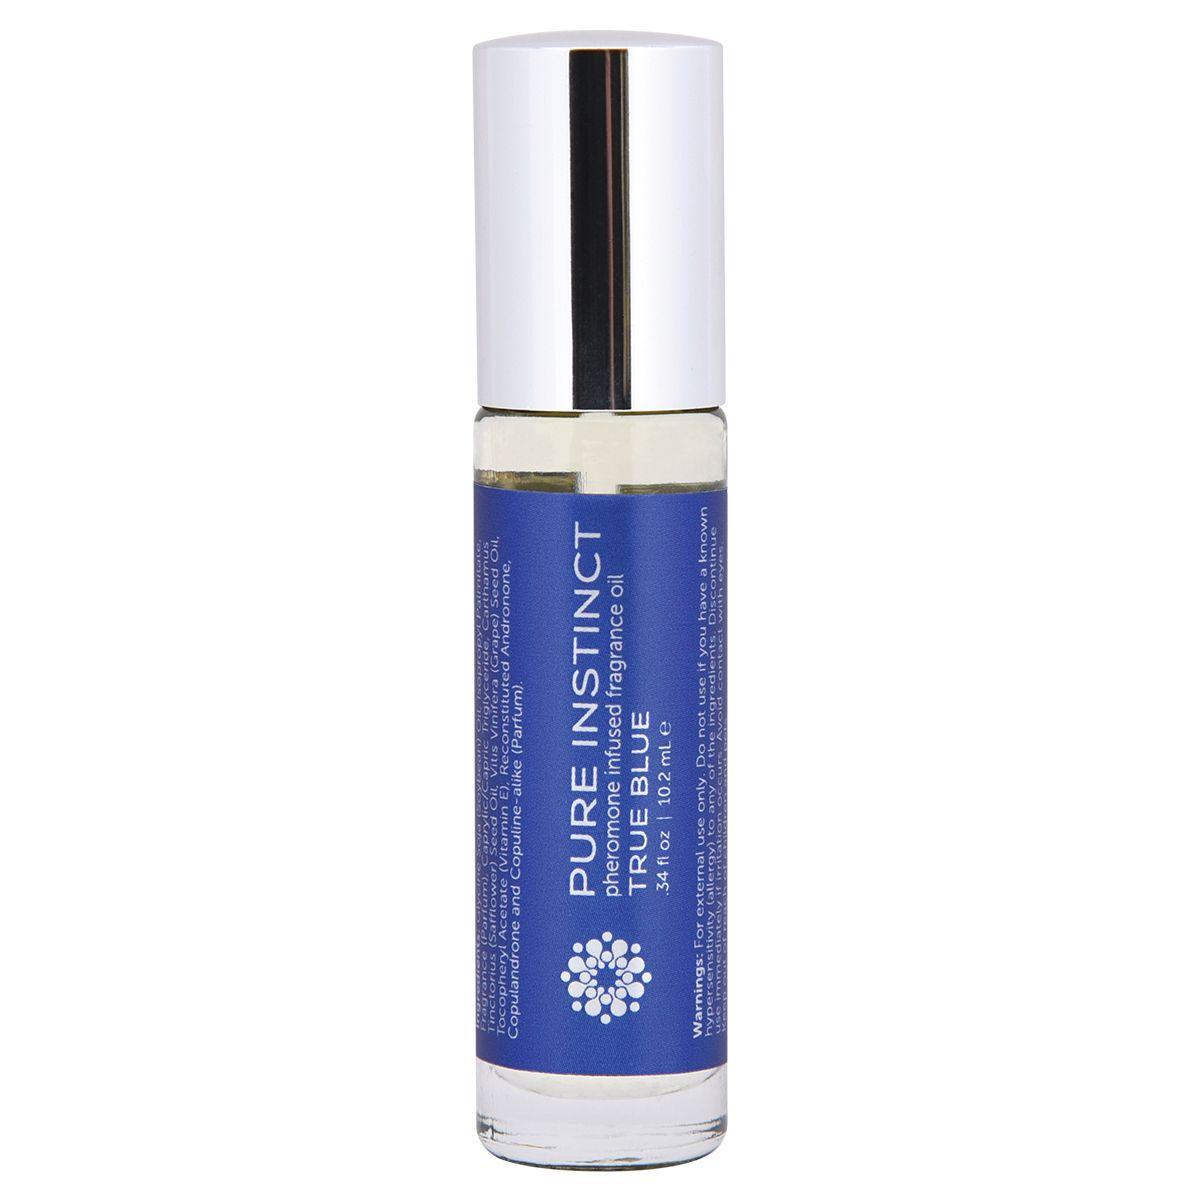 Обогащенное парфюмерное масло PURE INSTINCT для двоих - 10